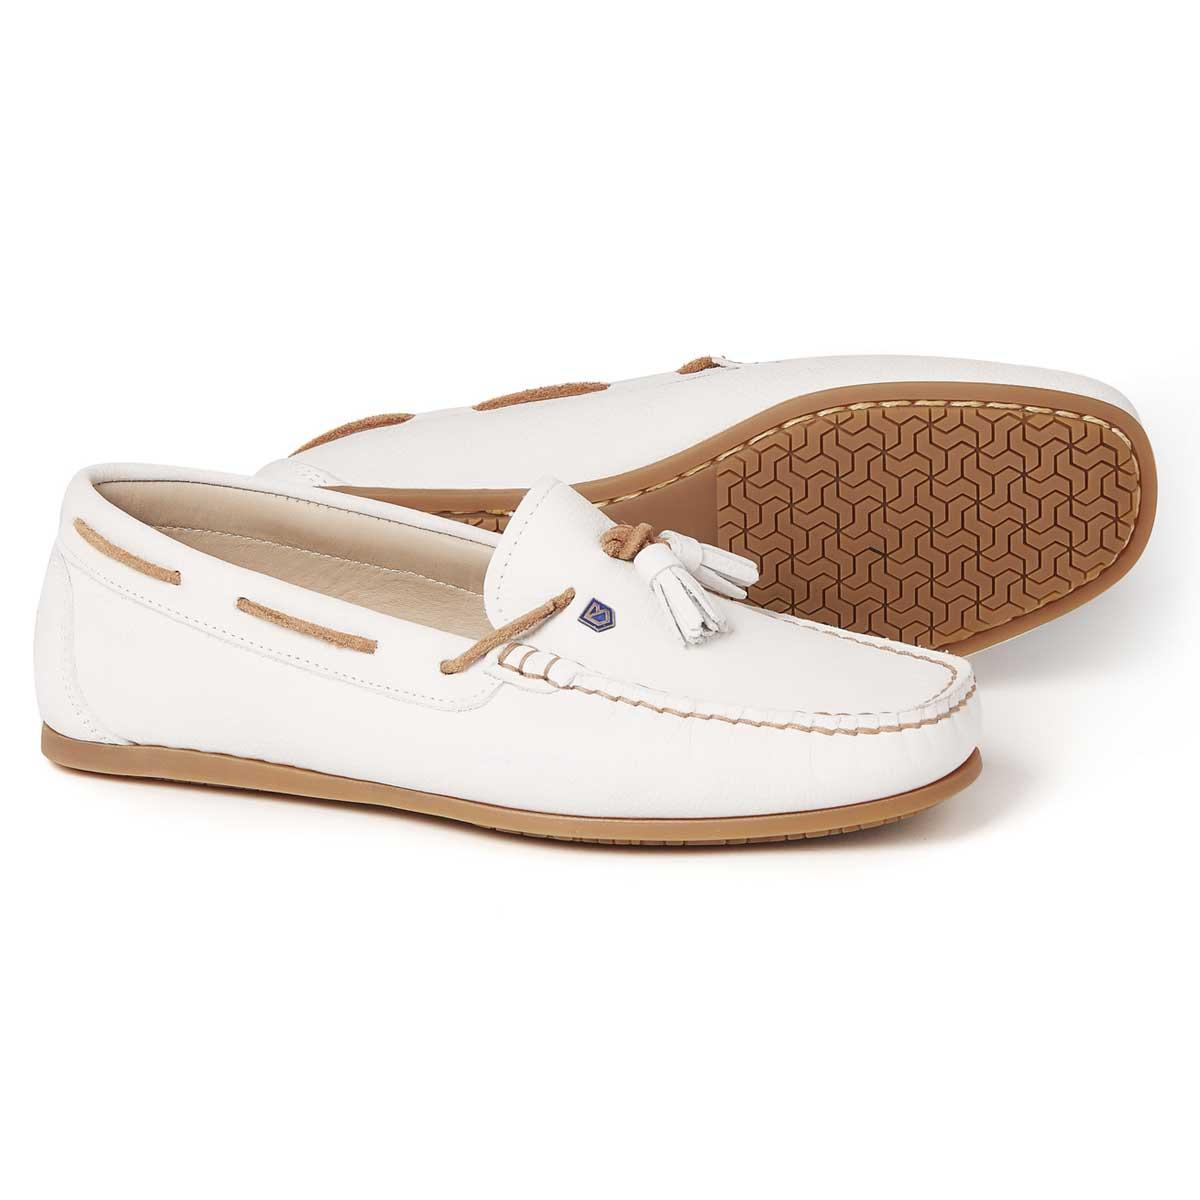 DUBARRY Deck Shoes - Ladies Jamaica